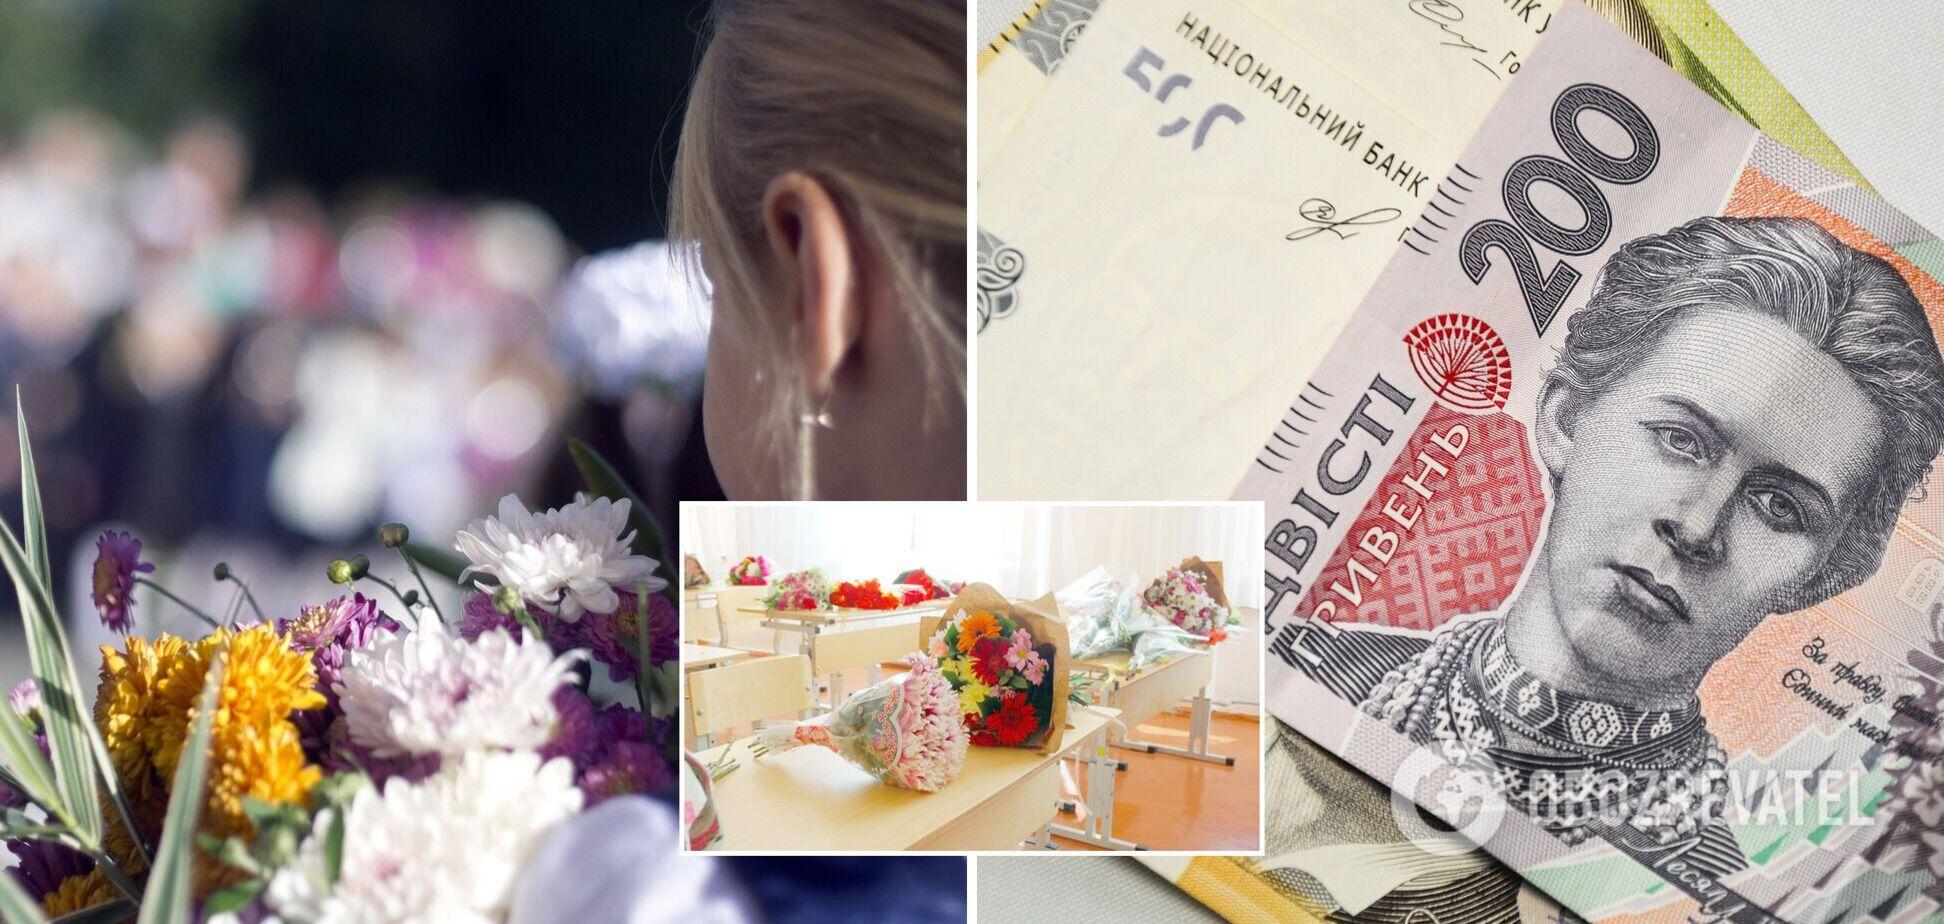 За квіти на 1 вересня в Україні доведеться заплатити до 500 грн